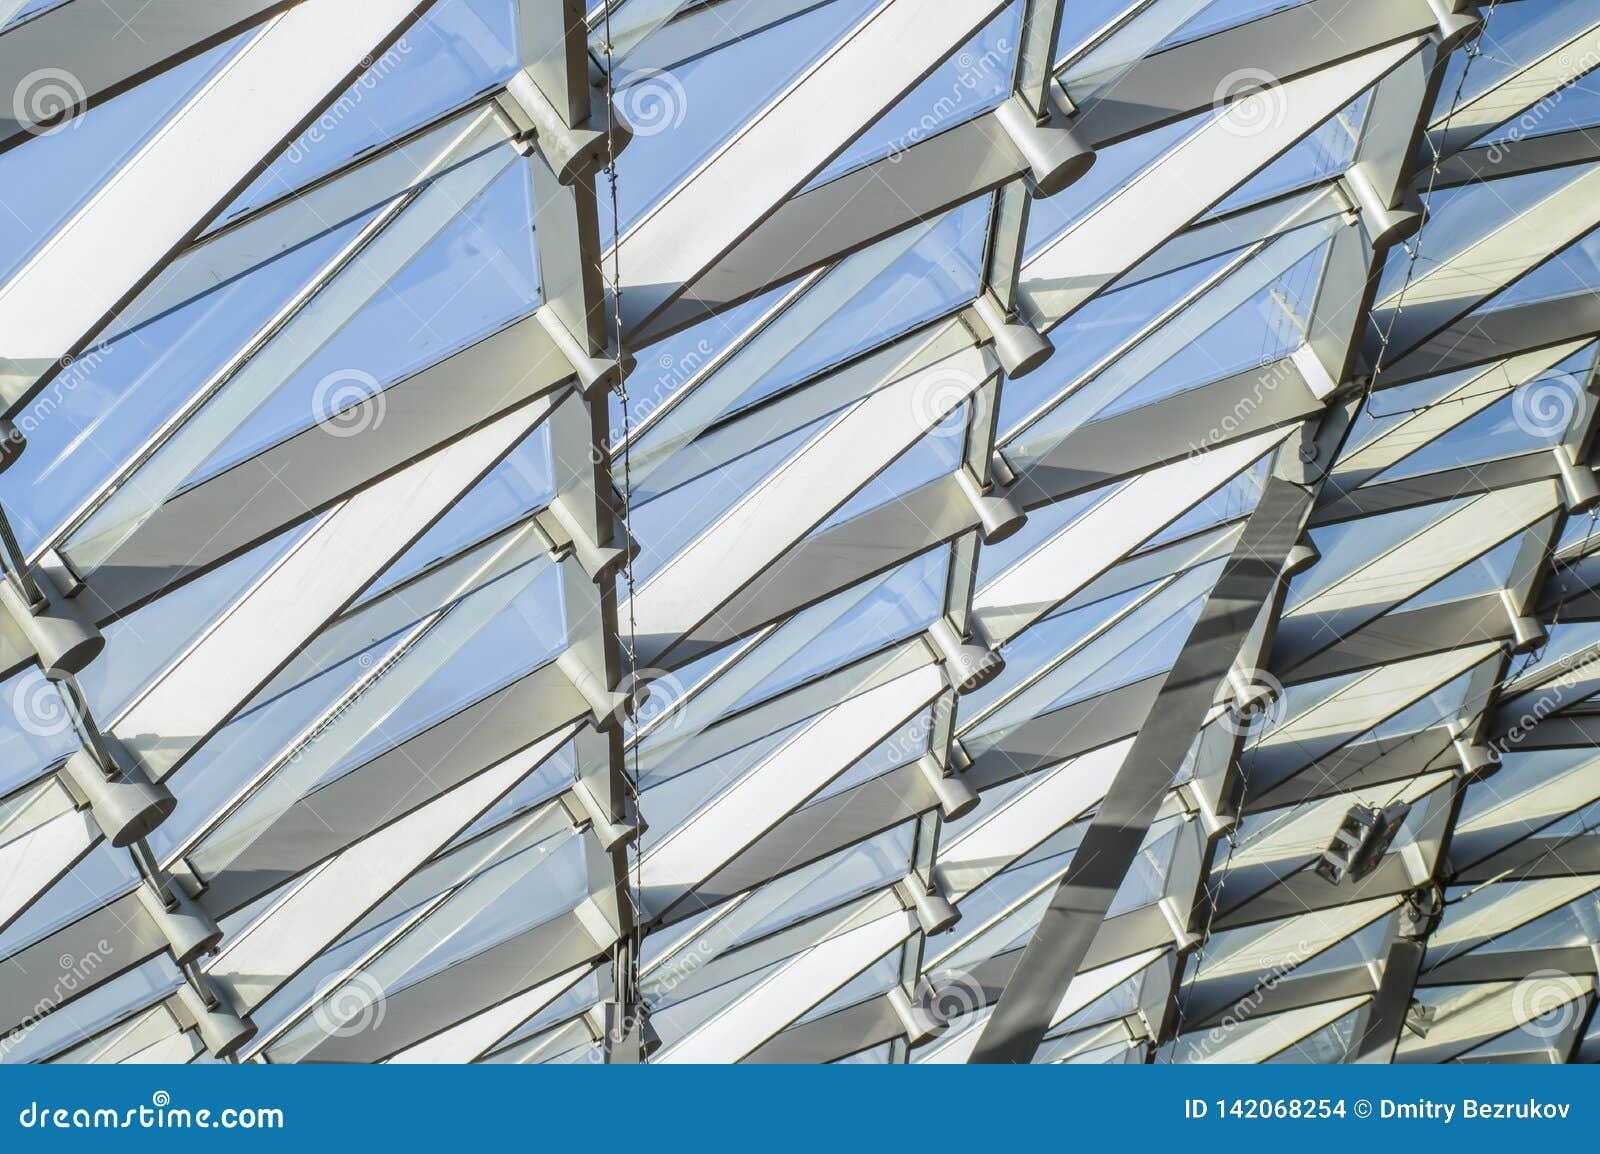 Modelo triangular del vidrio transparente de un tejado moderno Rayos del sol de la tarde